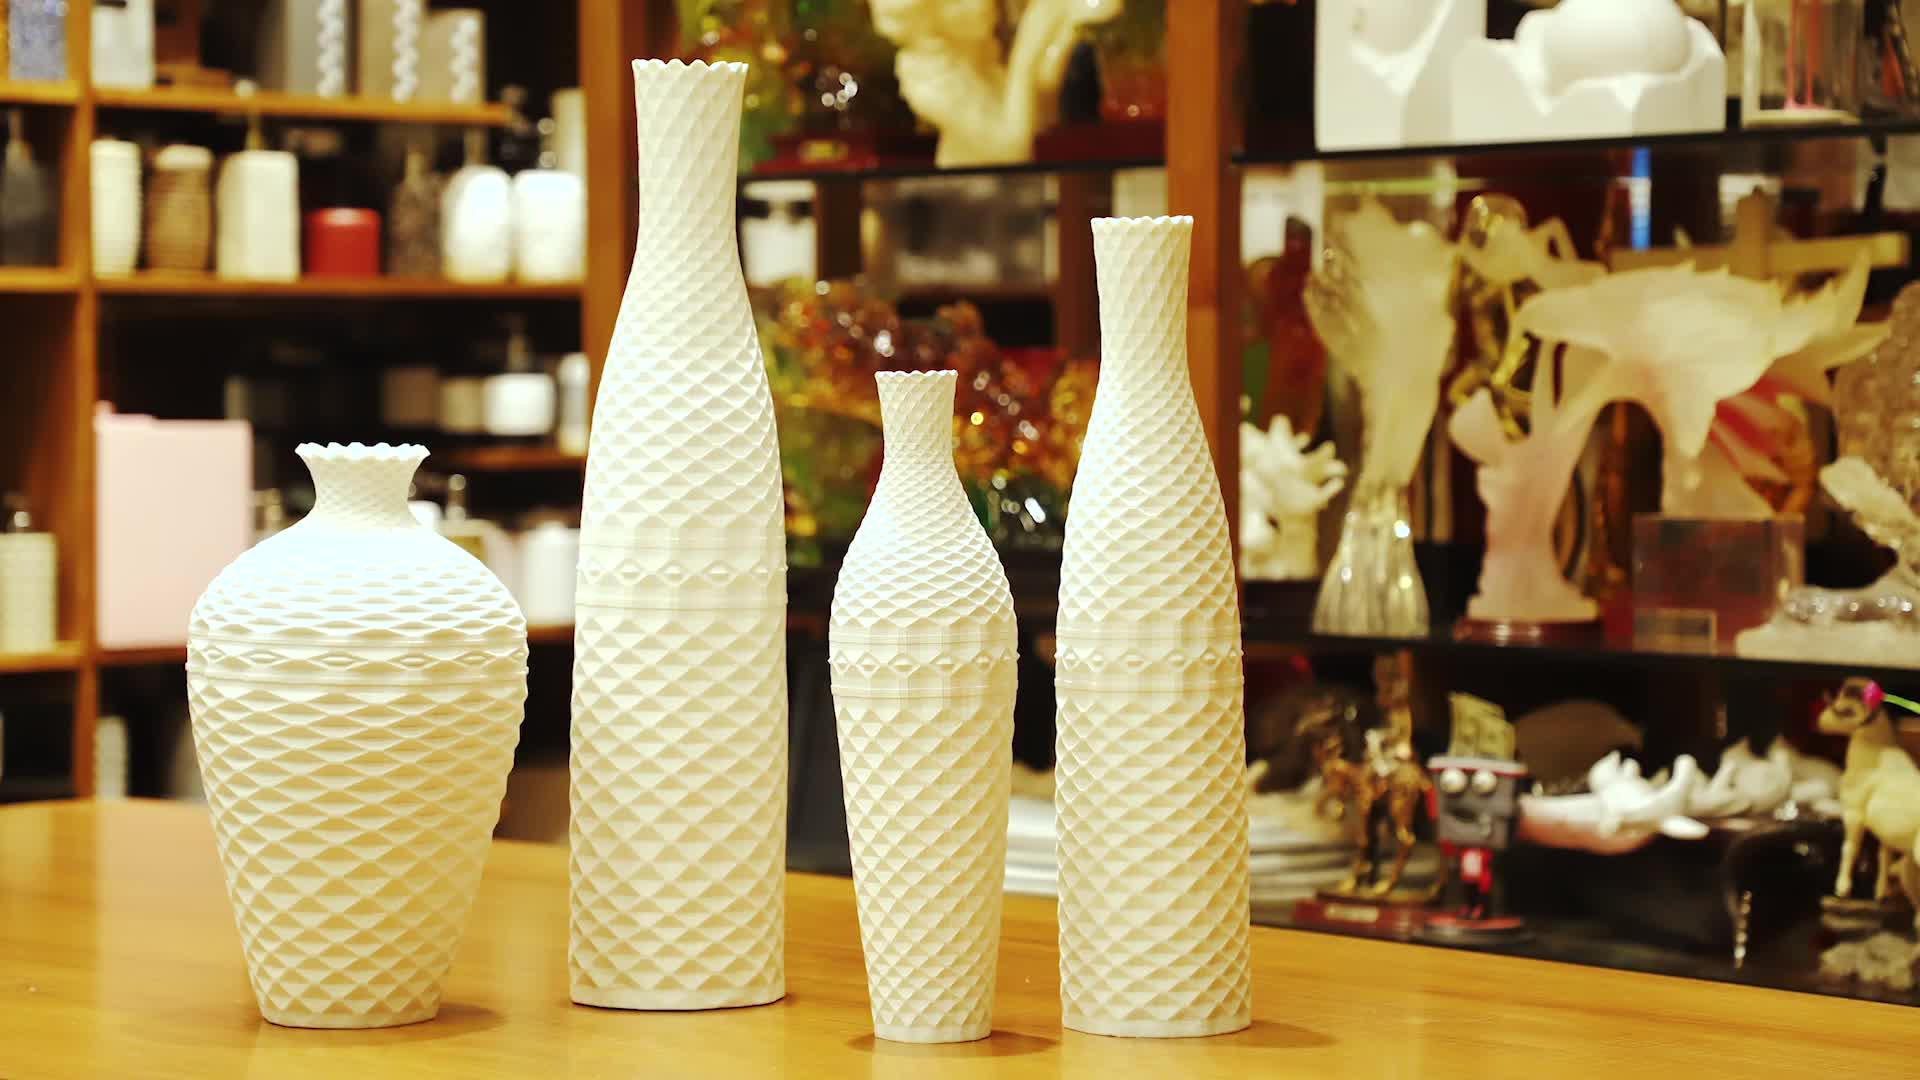 Modern Uzun Buhar Reçine Çiçek Vazo Seti Büyük Çiçek düğün seti Dekorasyon